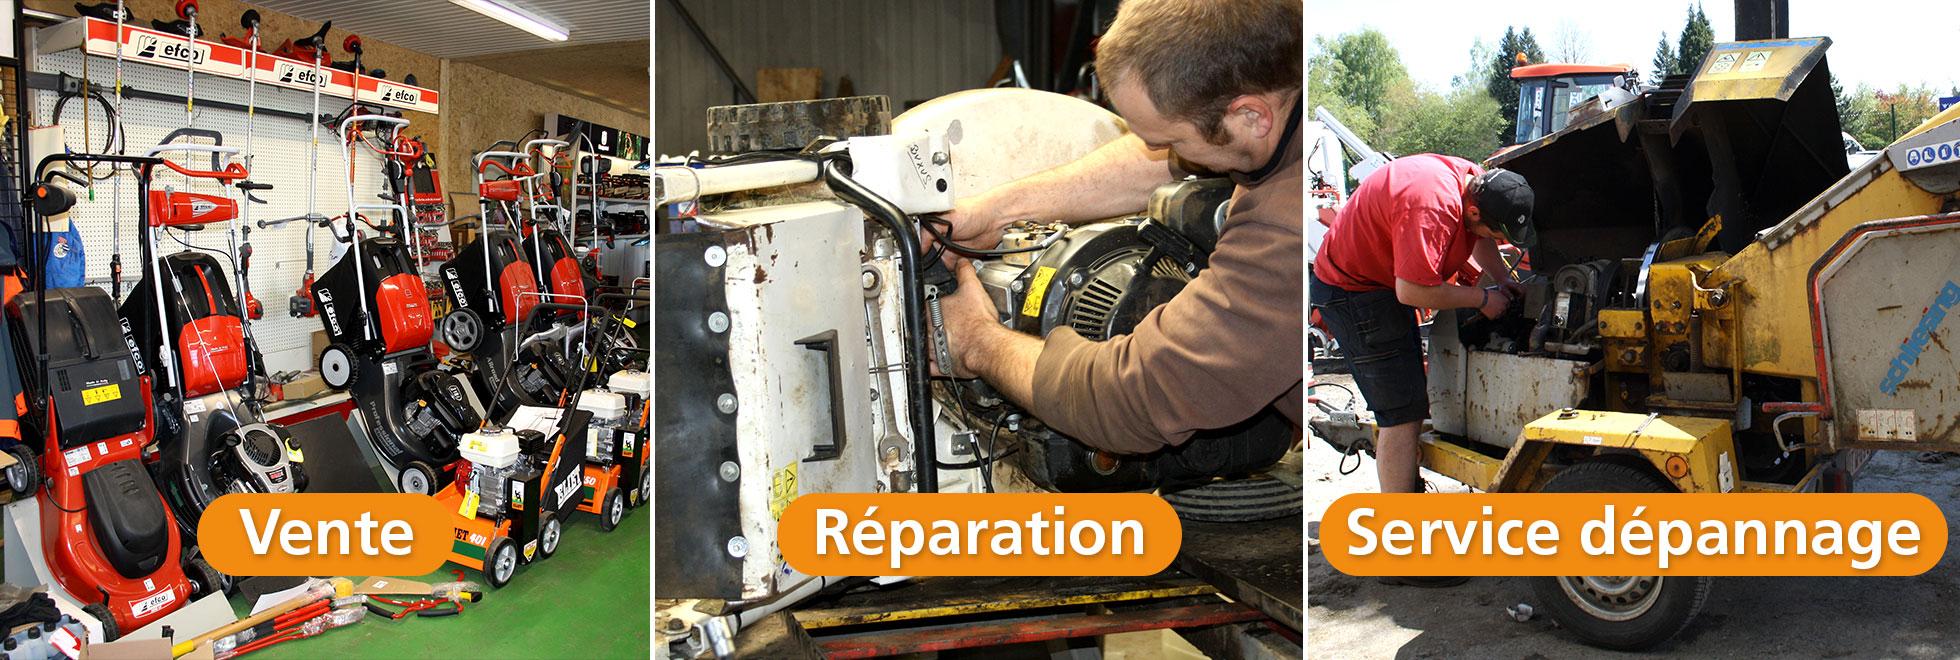 Vente, réparation et dépannage